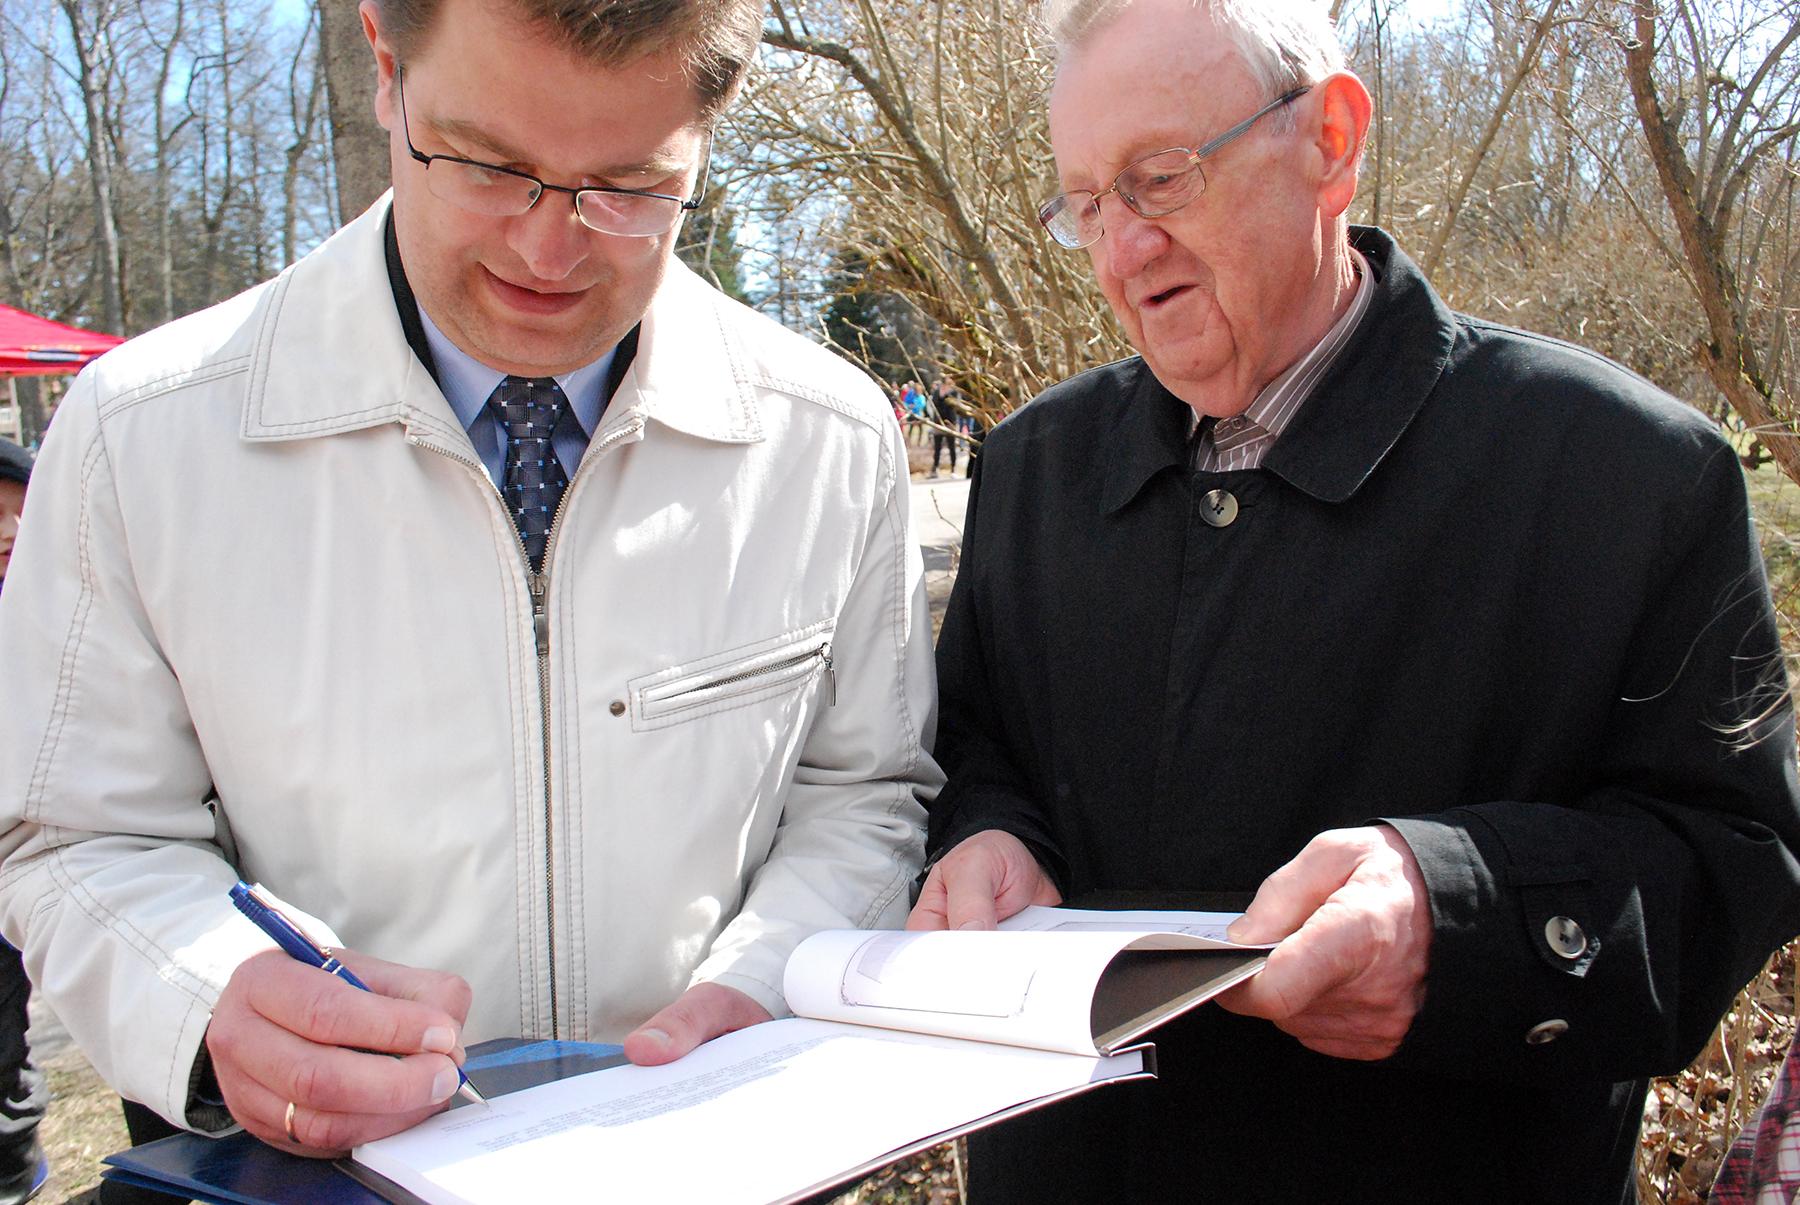 Marko Šorin kirjutab raamatusse Sindi elu piltides autogrammi. Foto: Urmas Saard